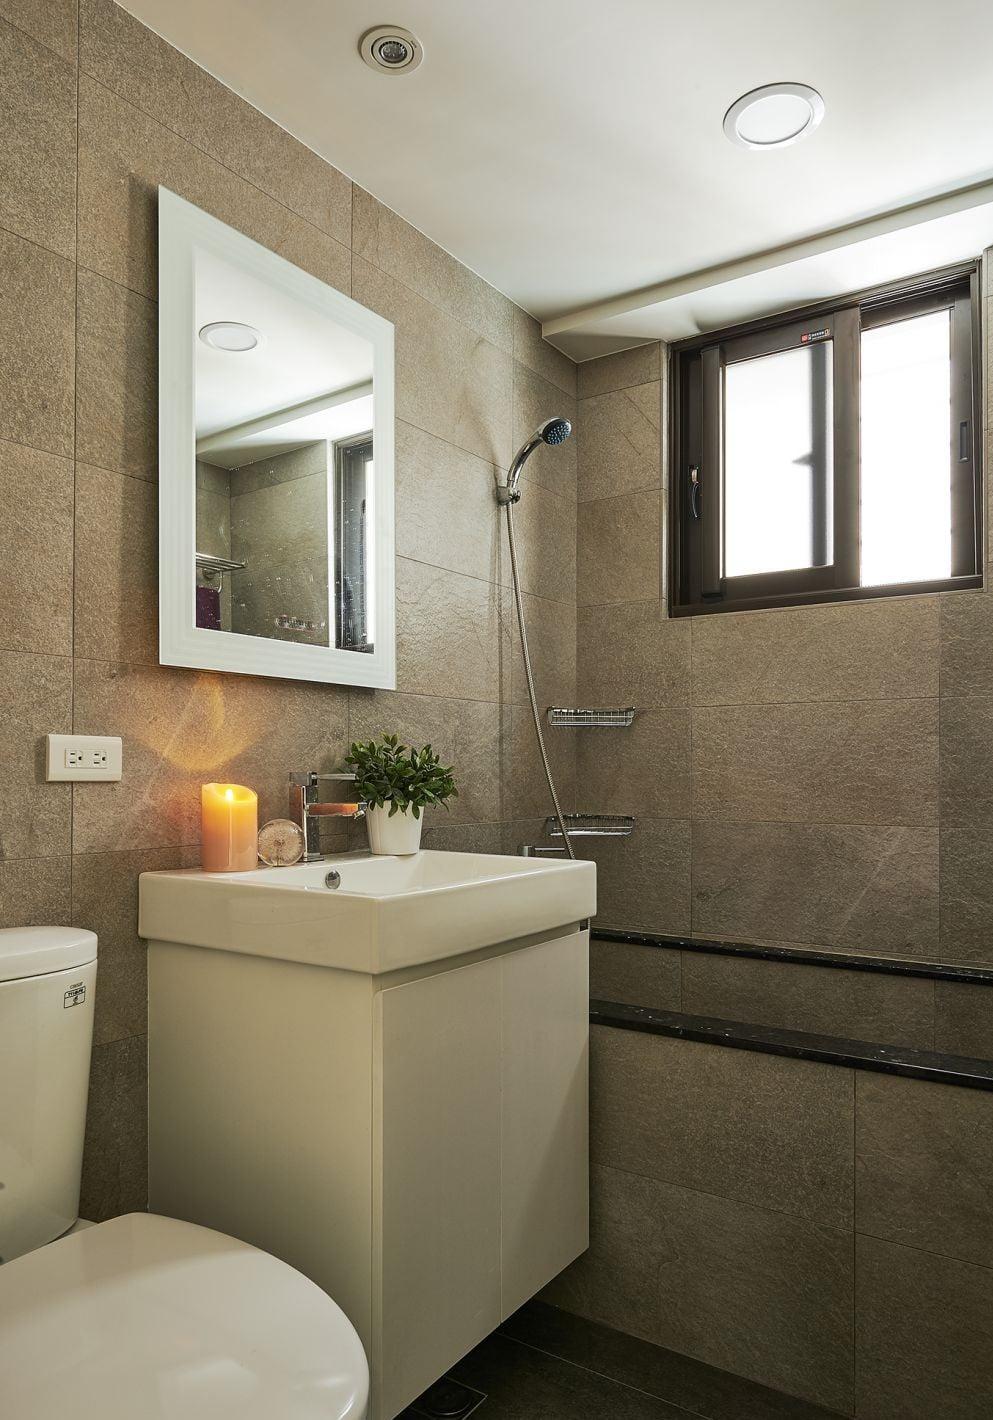 在浴室櫃枱面擺放綠色植物,不單具有除味吸潮的作用,又有美化裝飾的效果,為整個空間注入生氣